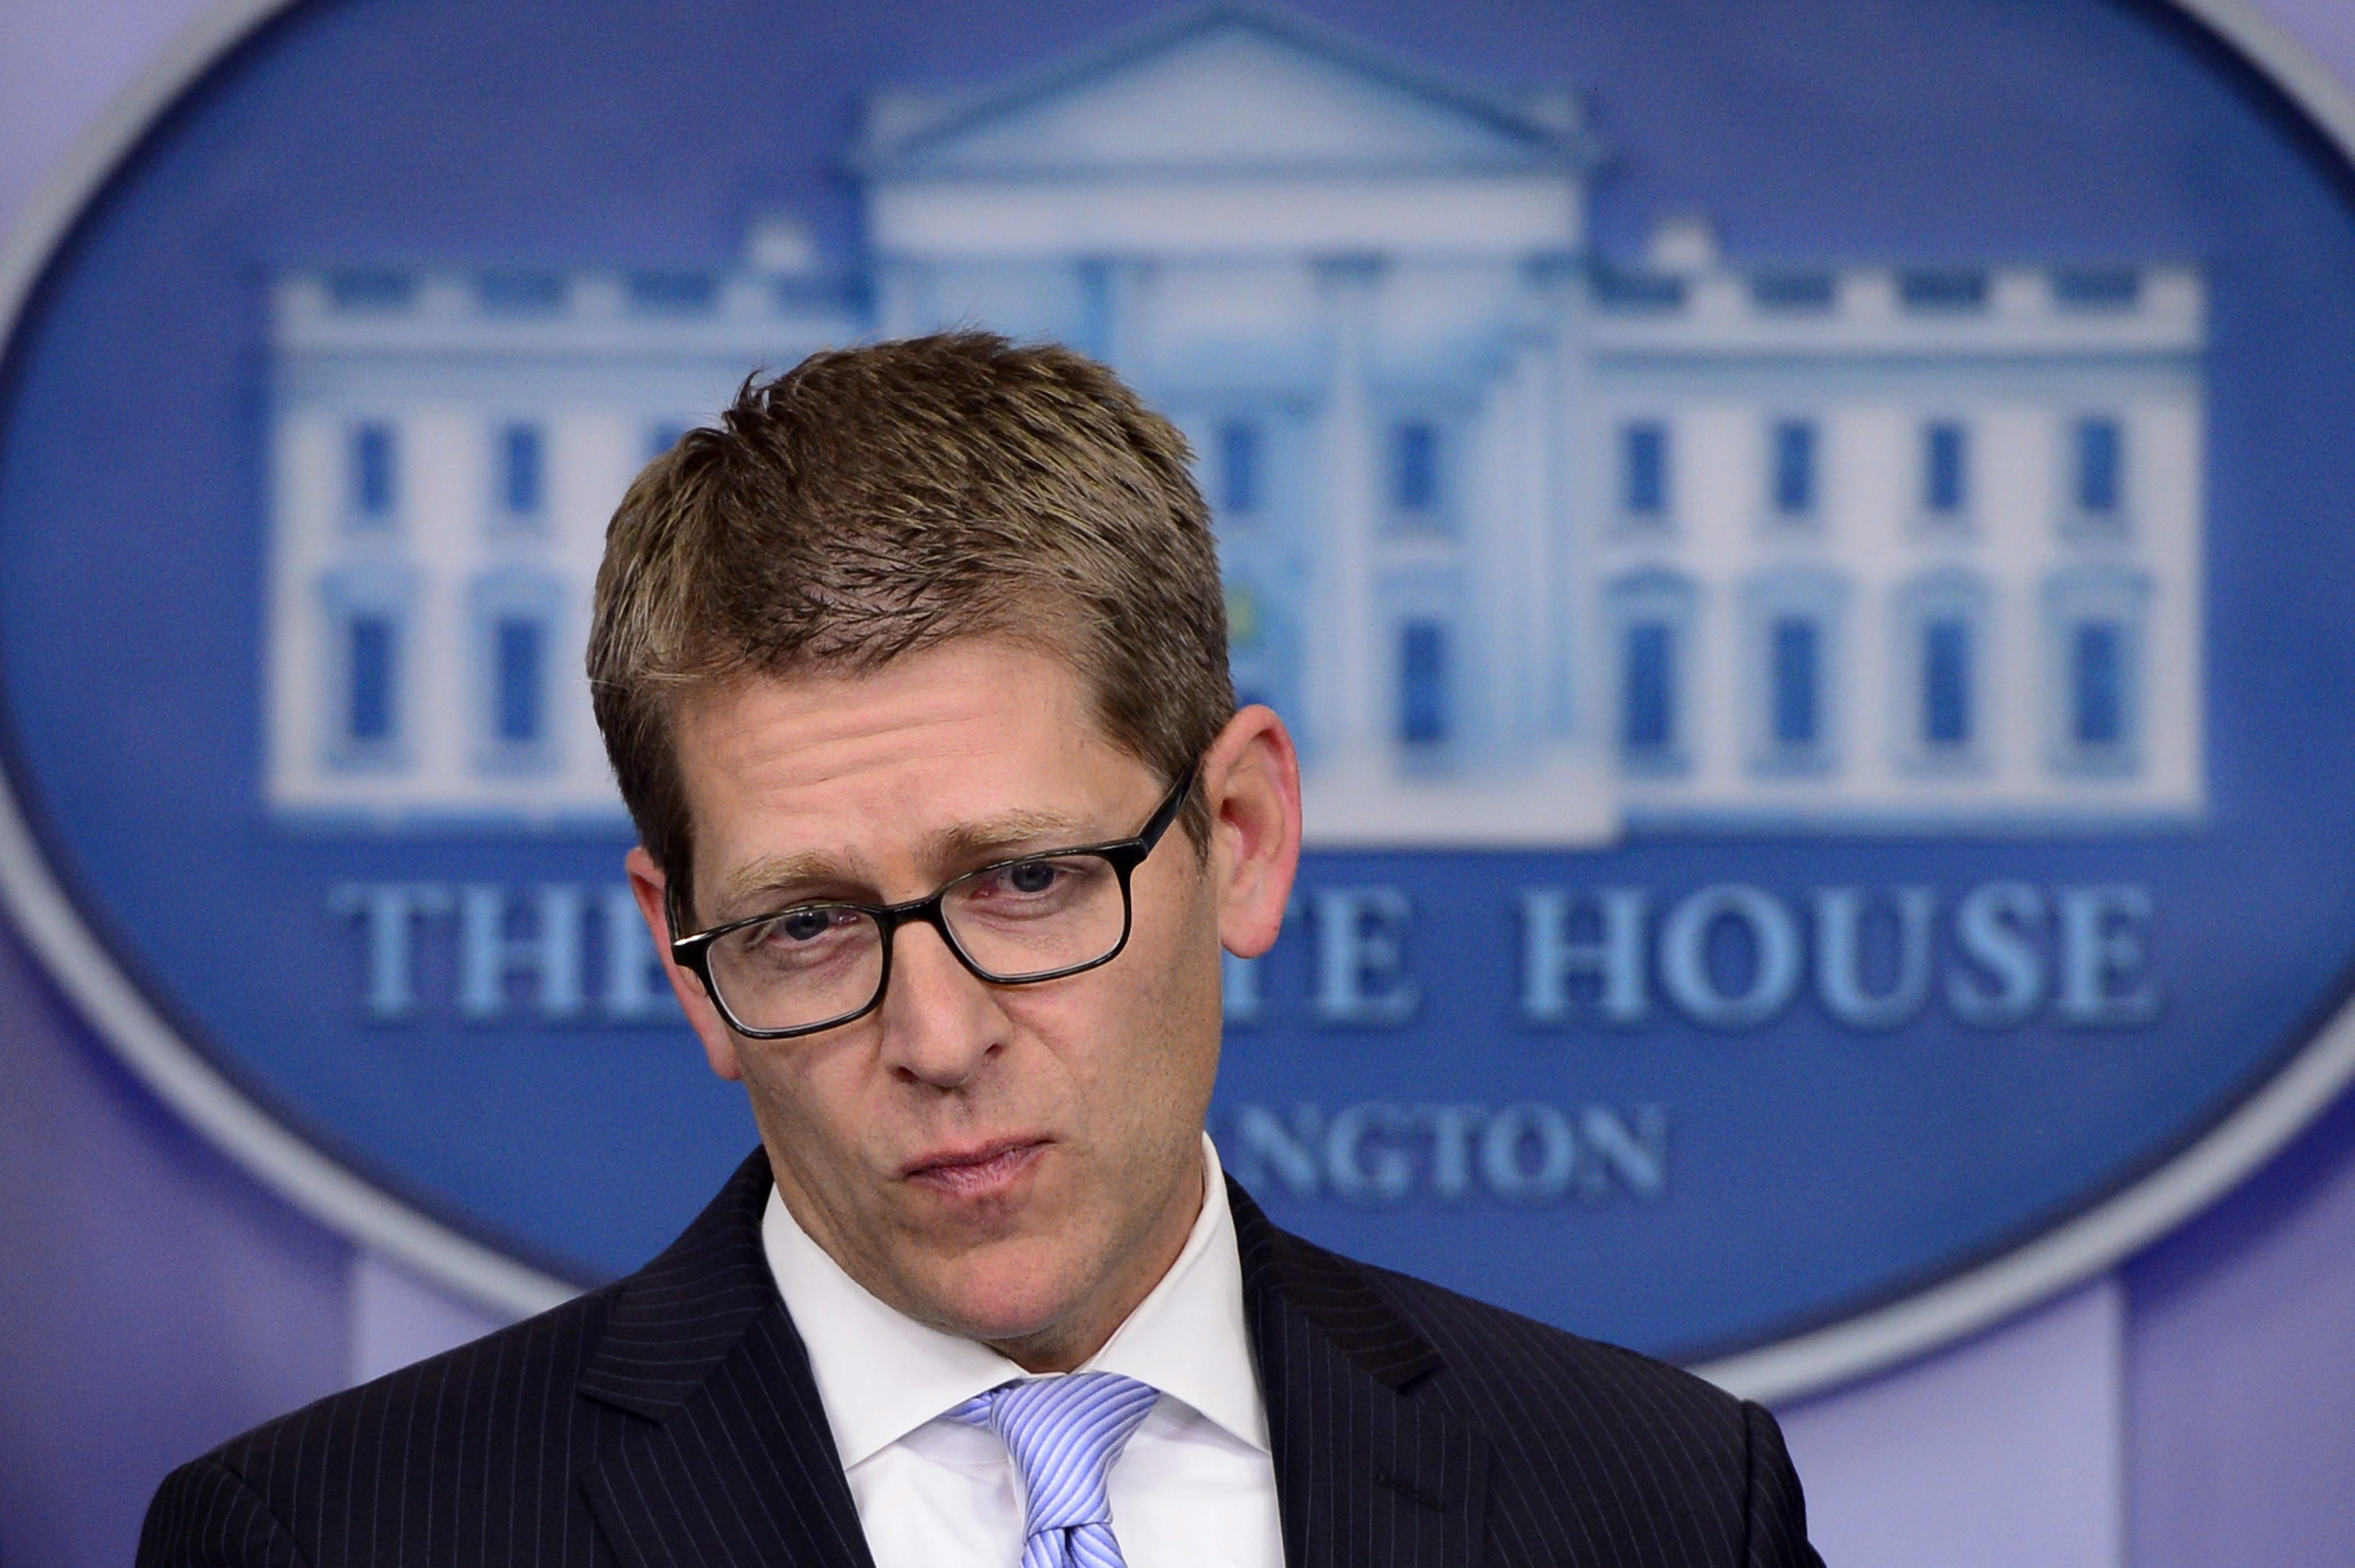 Funcionarios no informaron a Obama sobre discriminación en Hacienda de EE.UU.